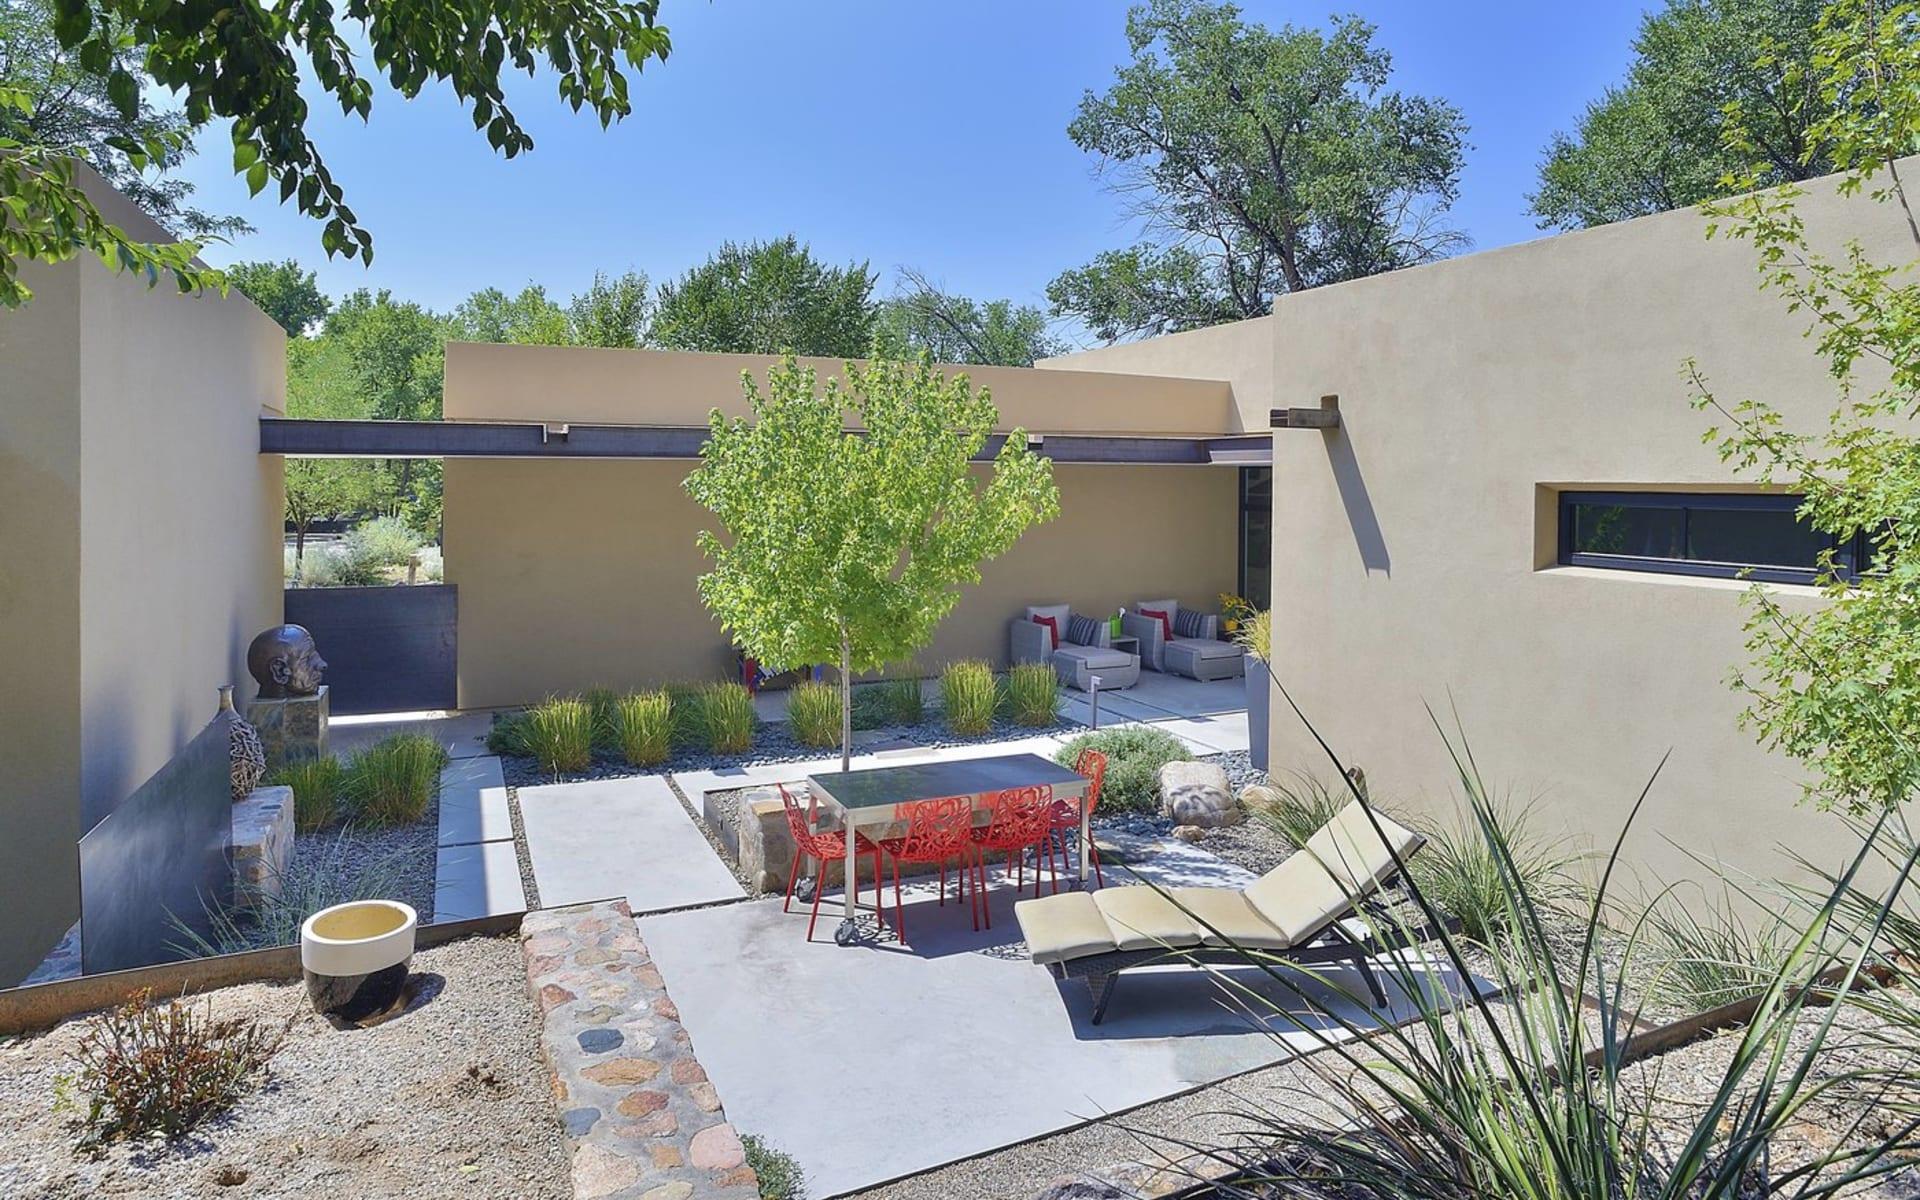 Contemporary Santa Fe Architecture